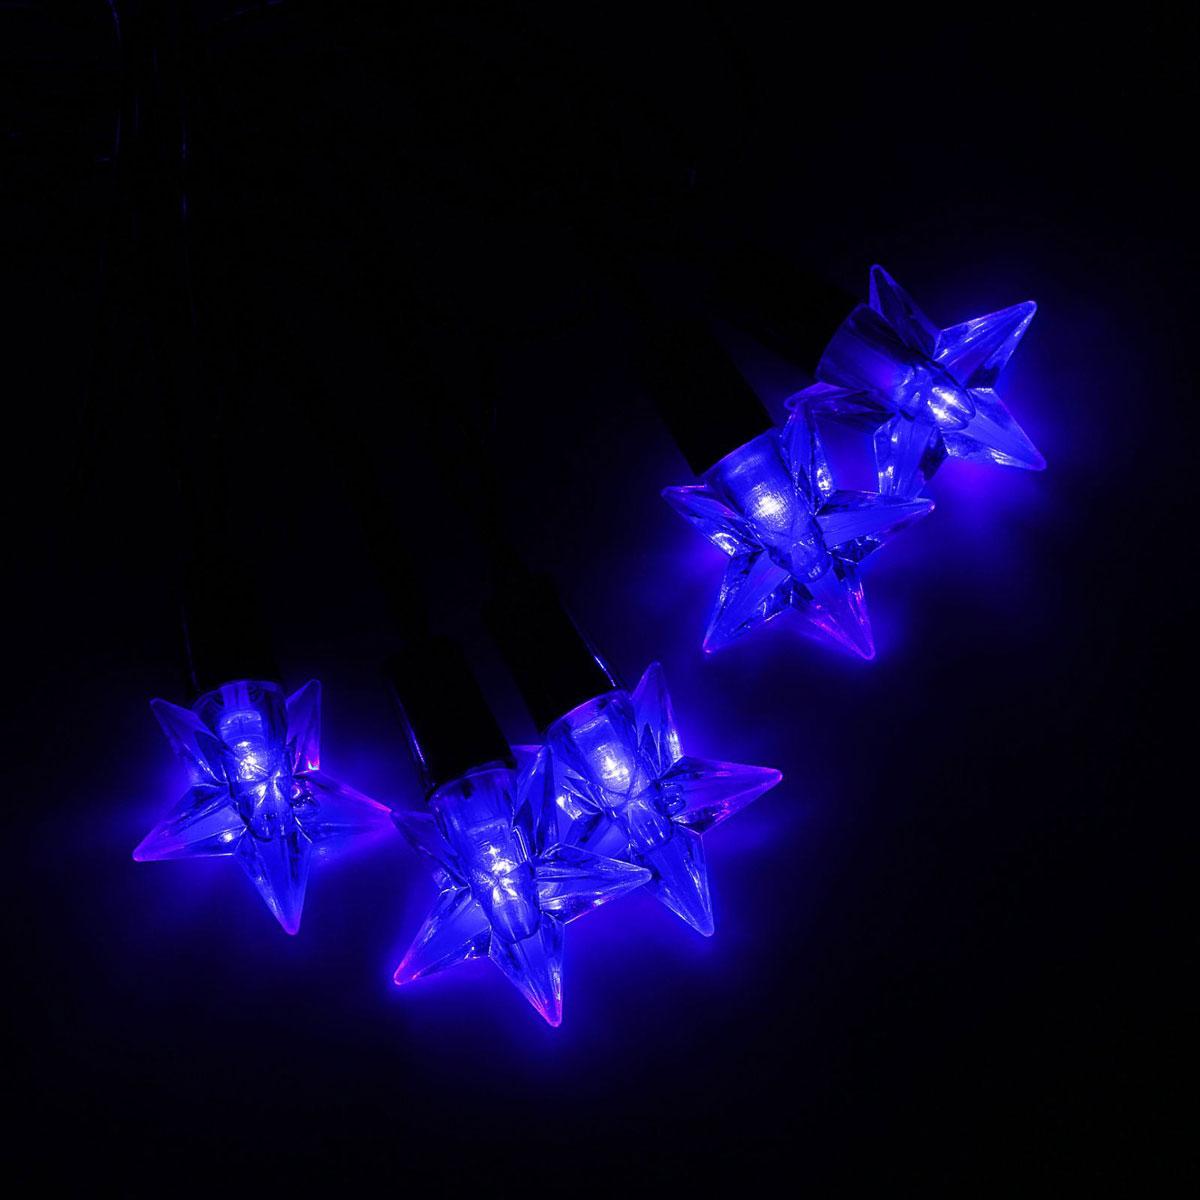 Гирлянда светодиодная Luazon Метраж. Звезда средняя, уличная с насадкой, 8 режимов, 40 ламп, 220 V, 5 м, цвет: синий. 10801001080100Светодиодные гирлянды, ленты и т.д. — это отличный вариант для новогоднего оформления интерьера или фасада. С их помощью помещение любого размера можно превратить в праздничный зал, а внешние элементы зданий, украшенные ими, мгновенно станут напоминать очертания сказочного дворца. Такие украшения создают ауру предвкушения чуда. Деревья, фасады, витрины, окна и арки будто специально созданы, чтобы вы украсили их светящимися нитями.